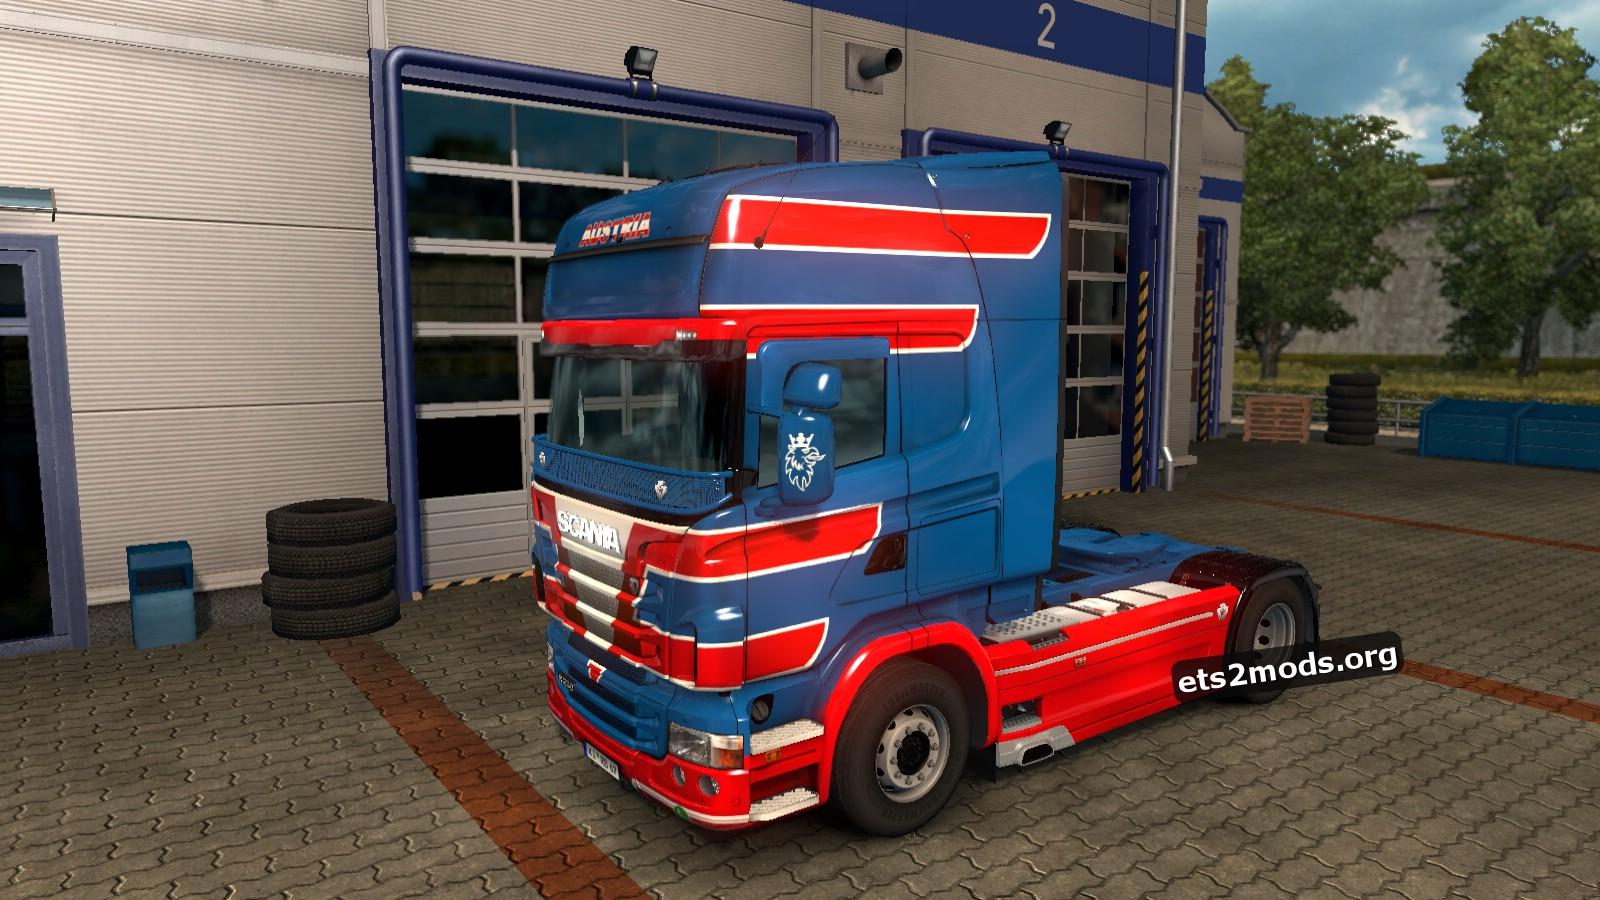 Vögel Transporte Skin for Scania RJL